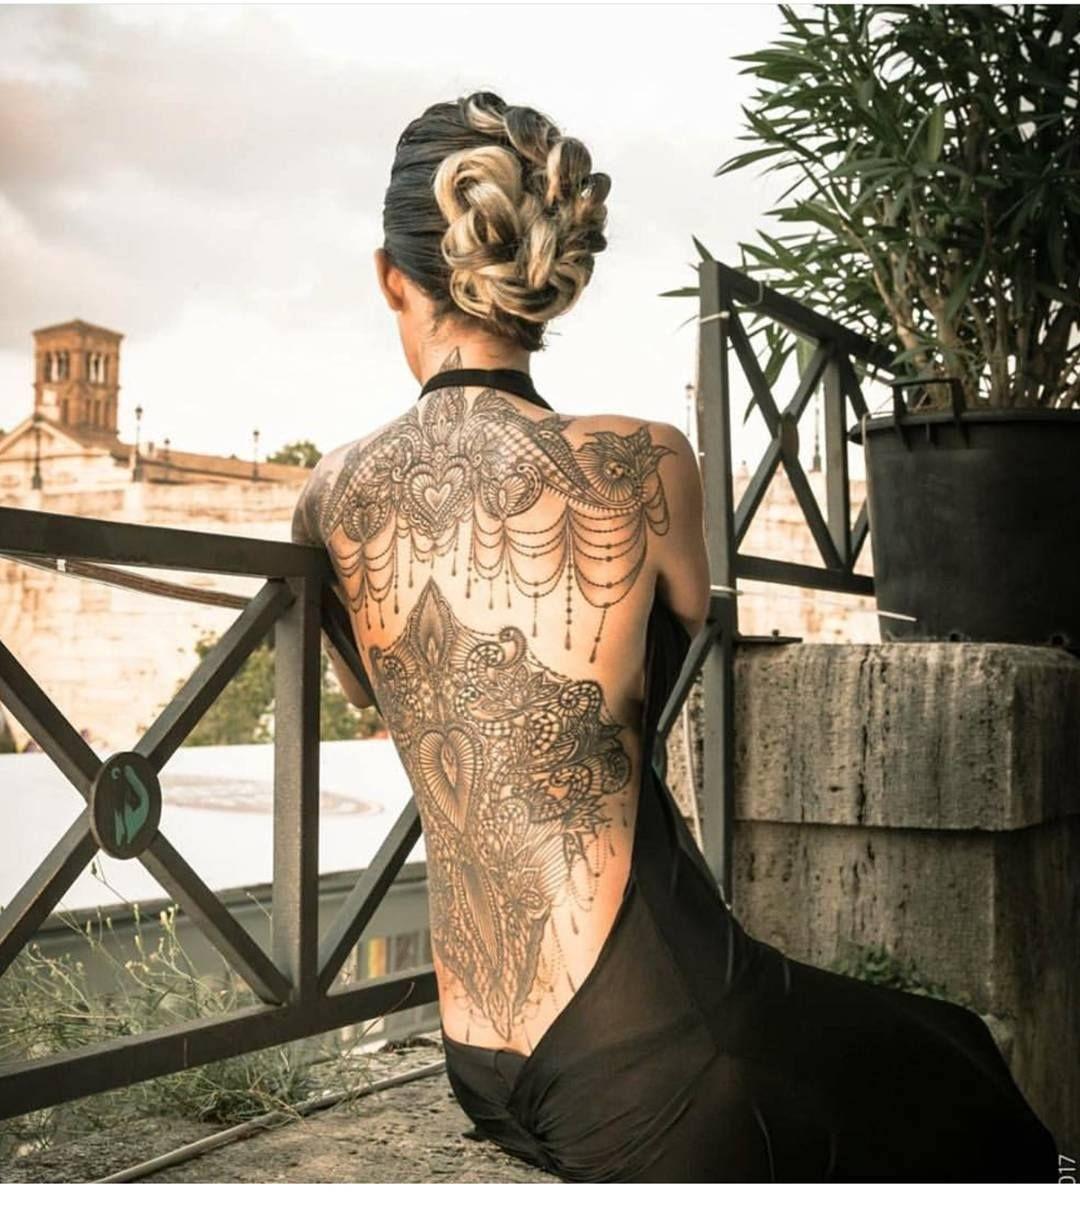 Pin by Skinnhead L on tattoo Girl tattoos, Back tattoo